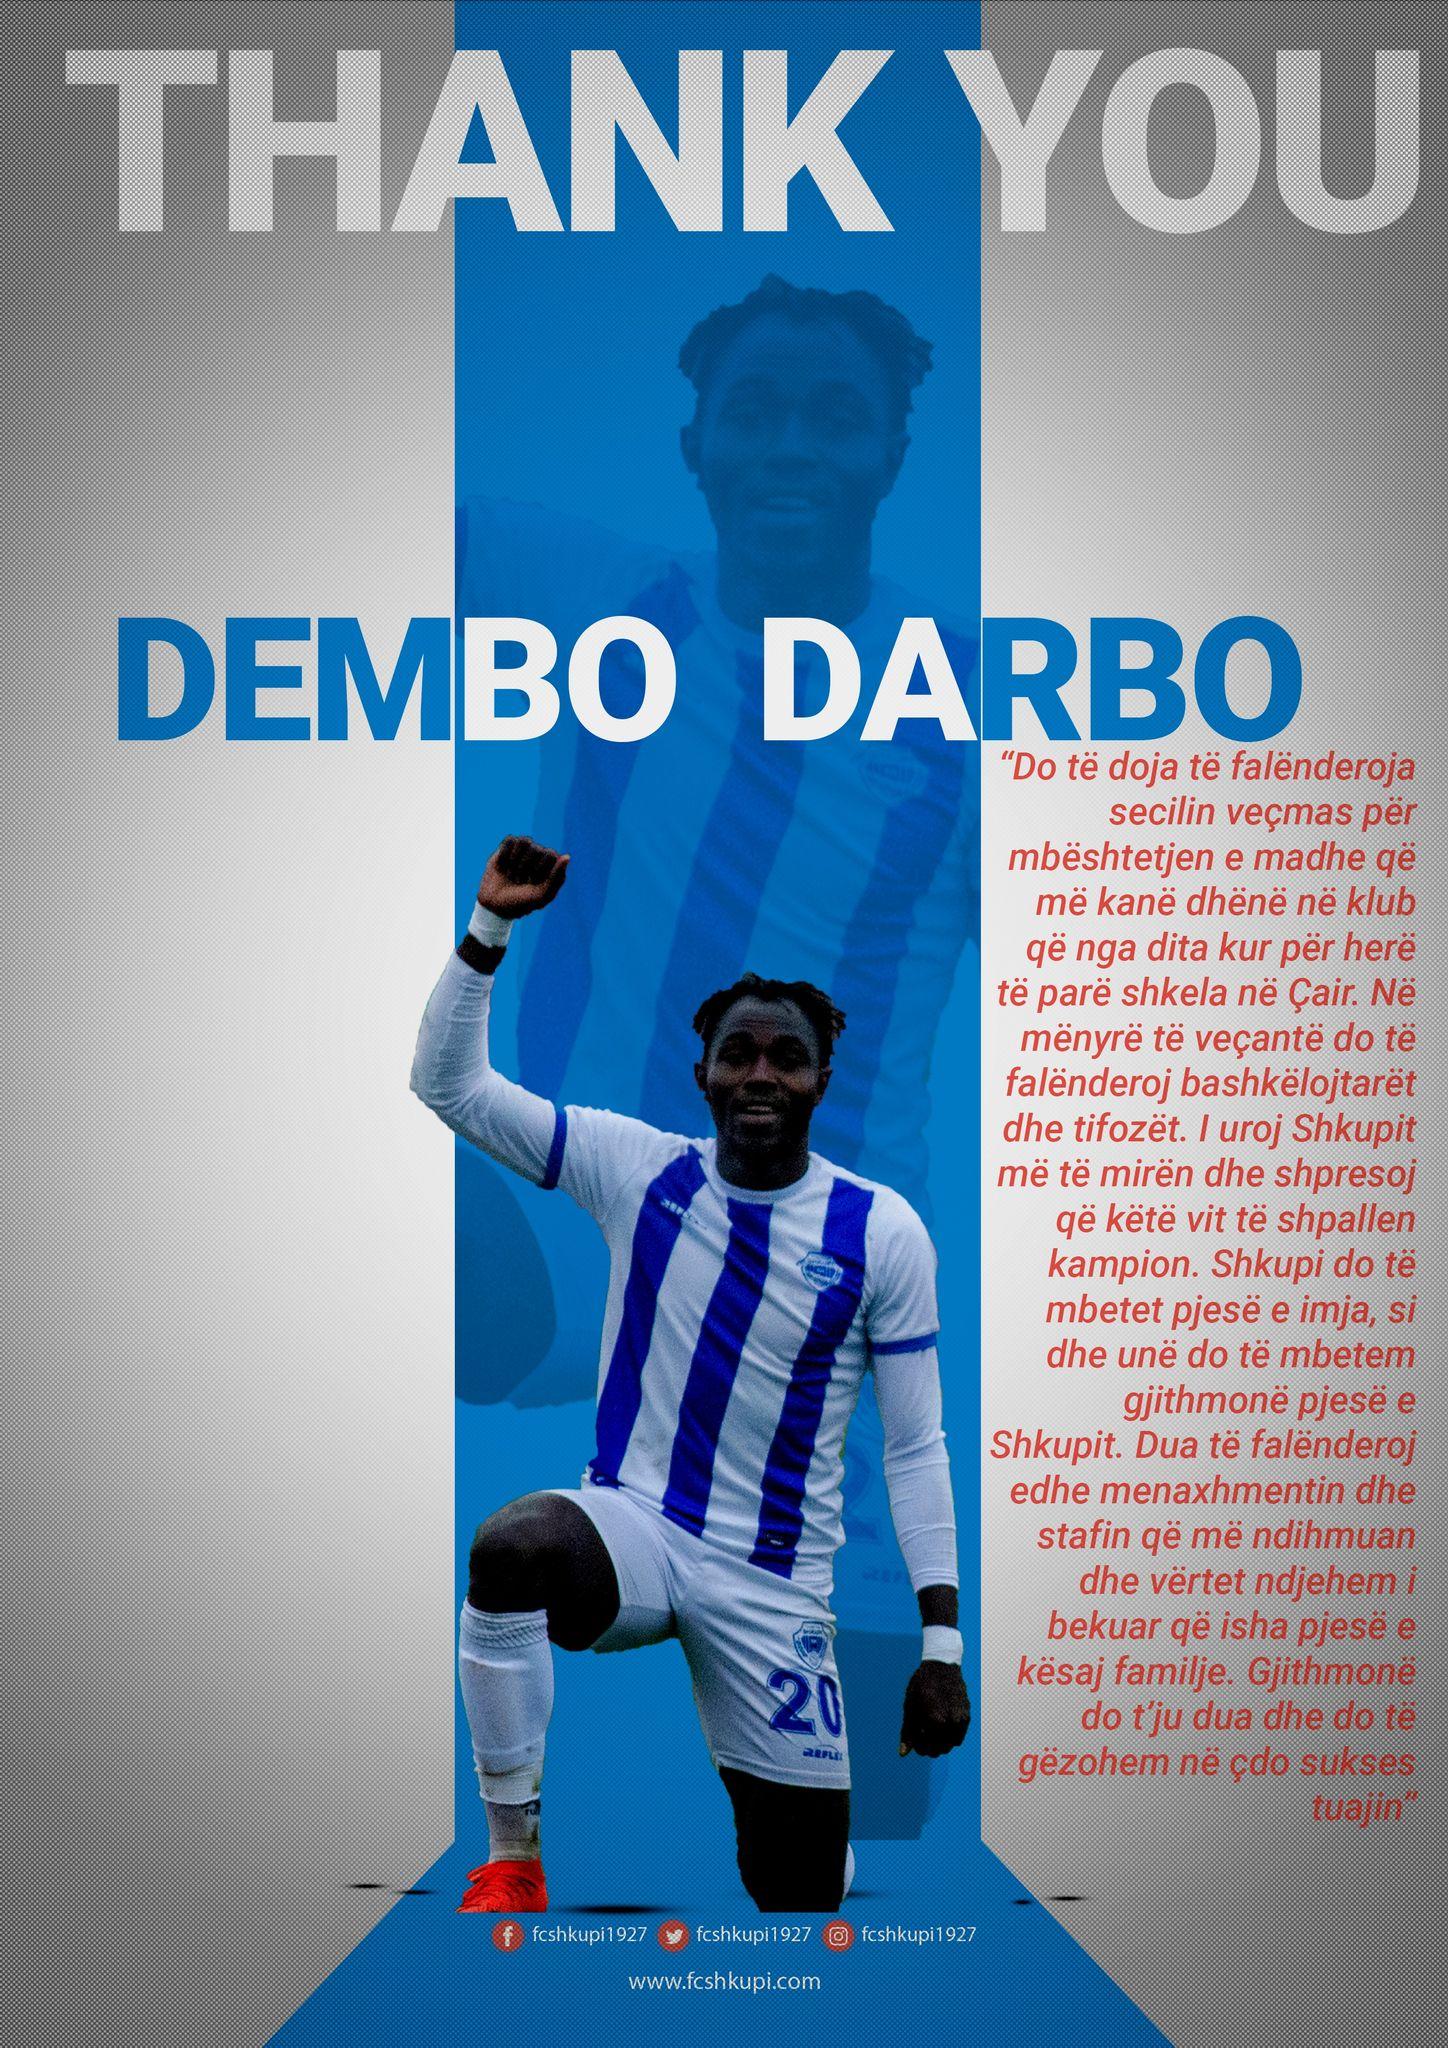 Dembo